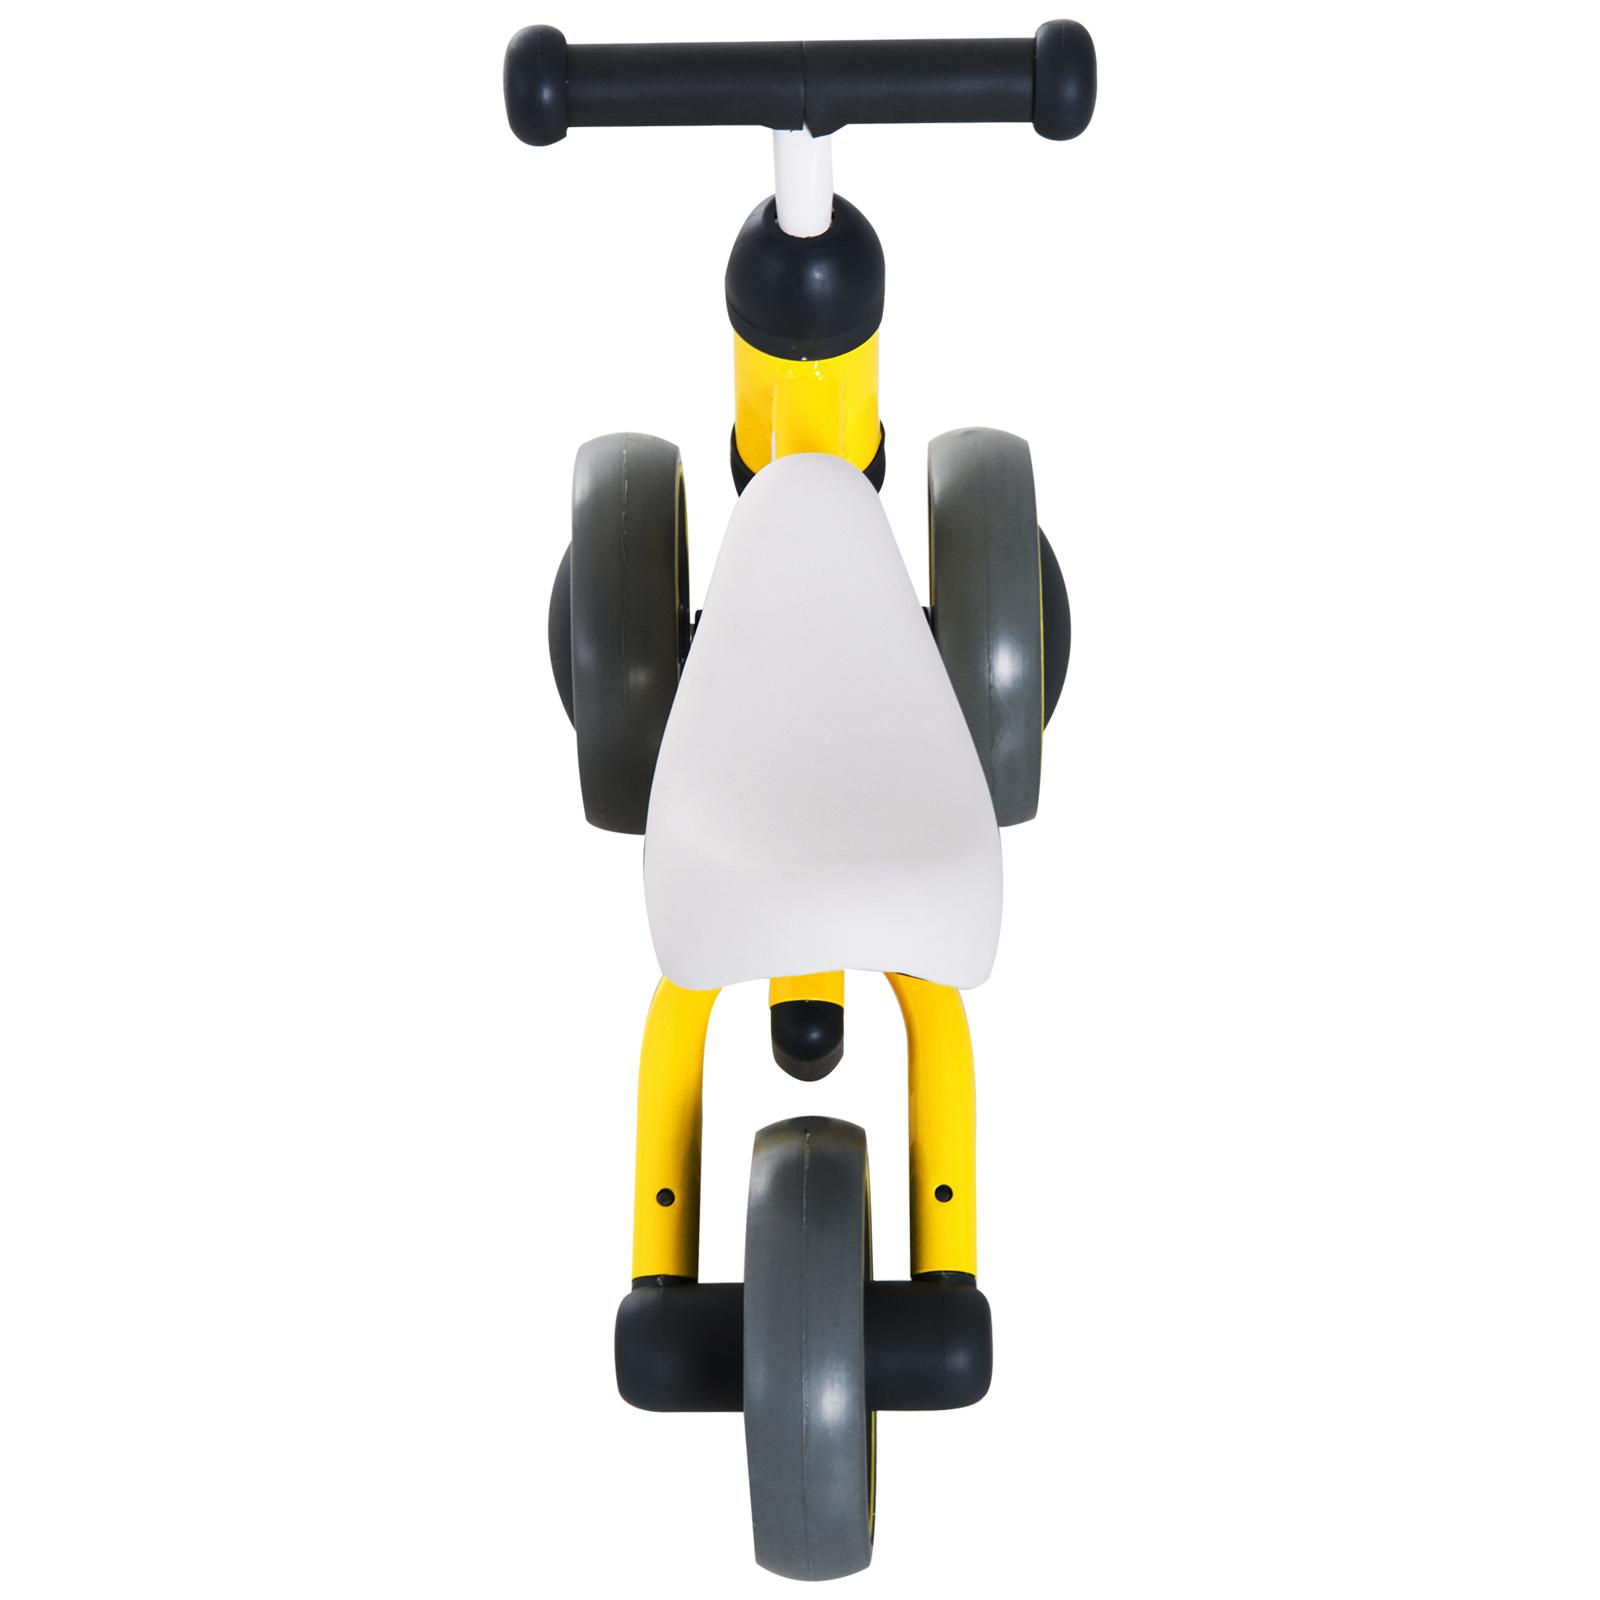 Triciclo-Bicicleta-sin-Pedales-para-Nino-1-3-Anos-Sillon-Comodo-Aluminio miniatura 11